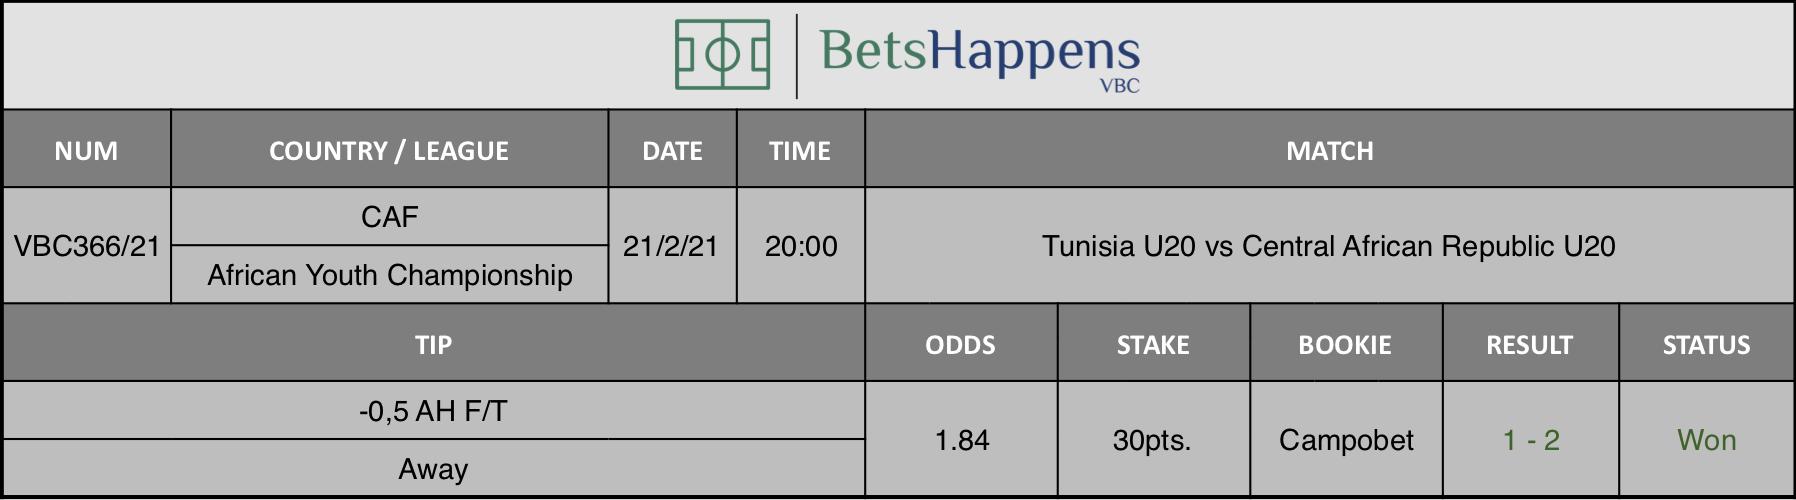 Resultados de nuestro consejo para el partido Túnez Sub-20 vs República Centroafricana Sub-20 donde se recomienda -0,5 AH F/T Away.